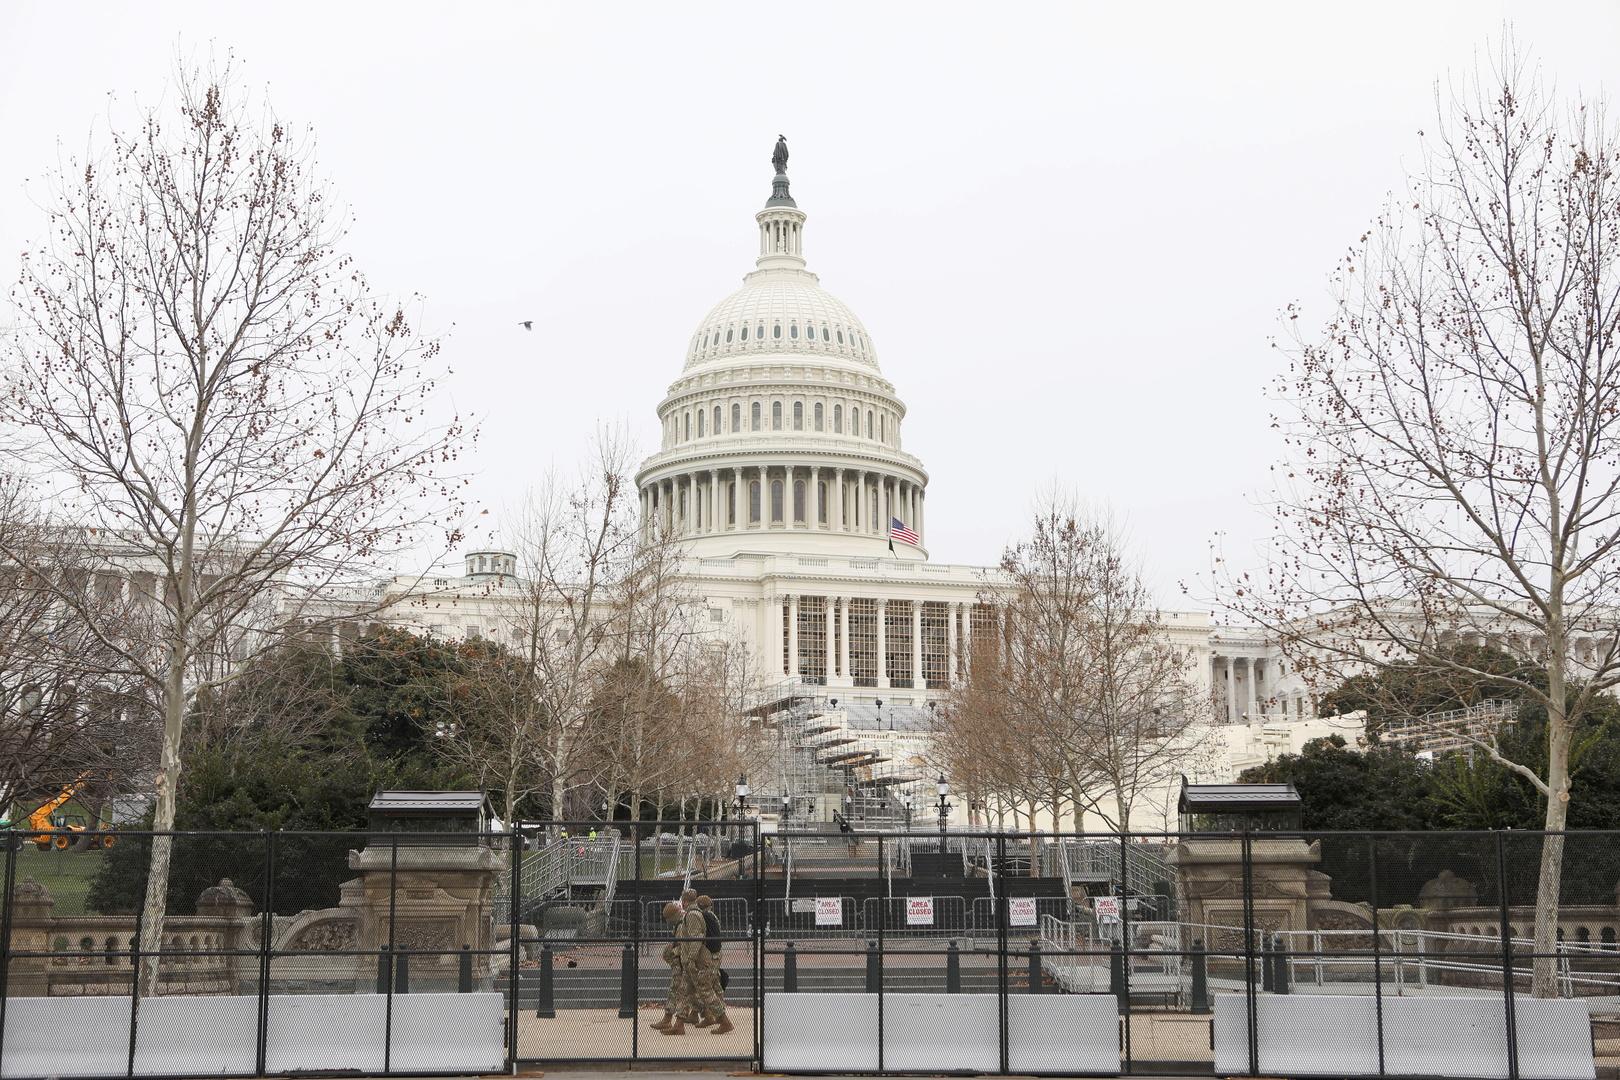 مجلس الشيوخ الأمريكي يعلن أنه لن يعقد جلسة طارئة هذا الأسبوع وسط مساءلة ترامب